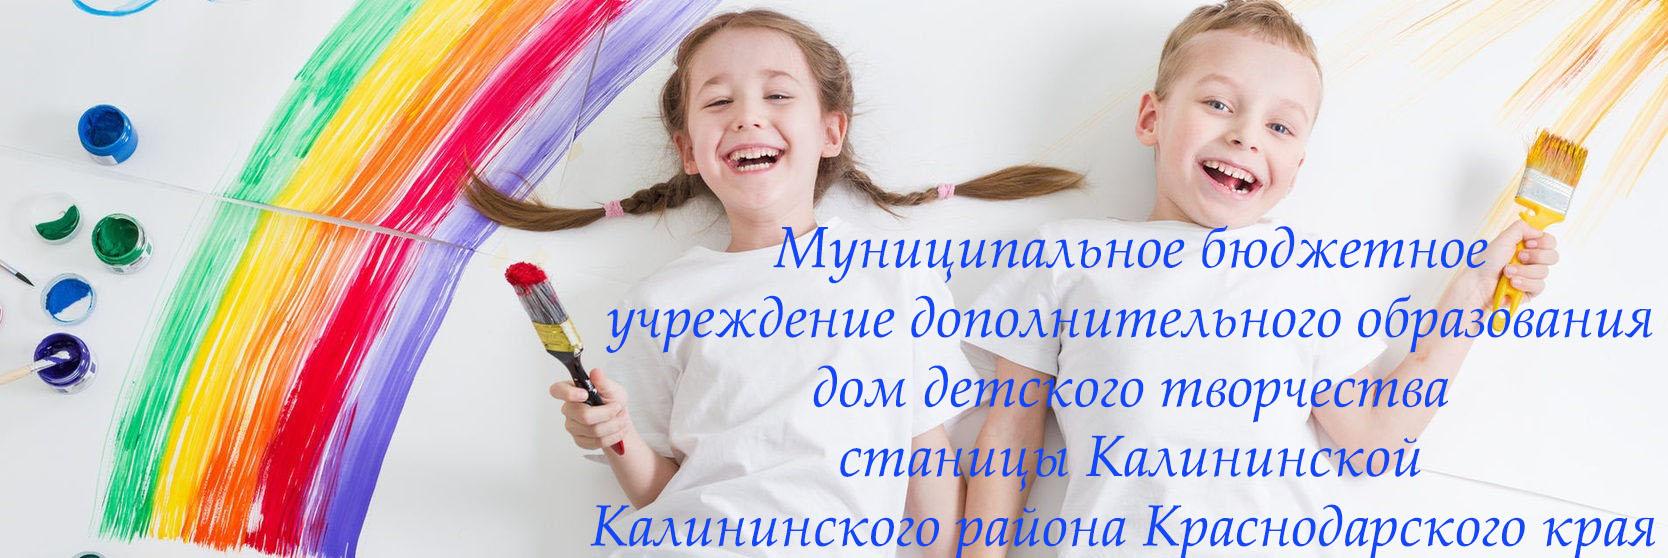 Муниципальное бюджетное учреждение дополнительного образования дом детского творчества детей